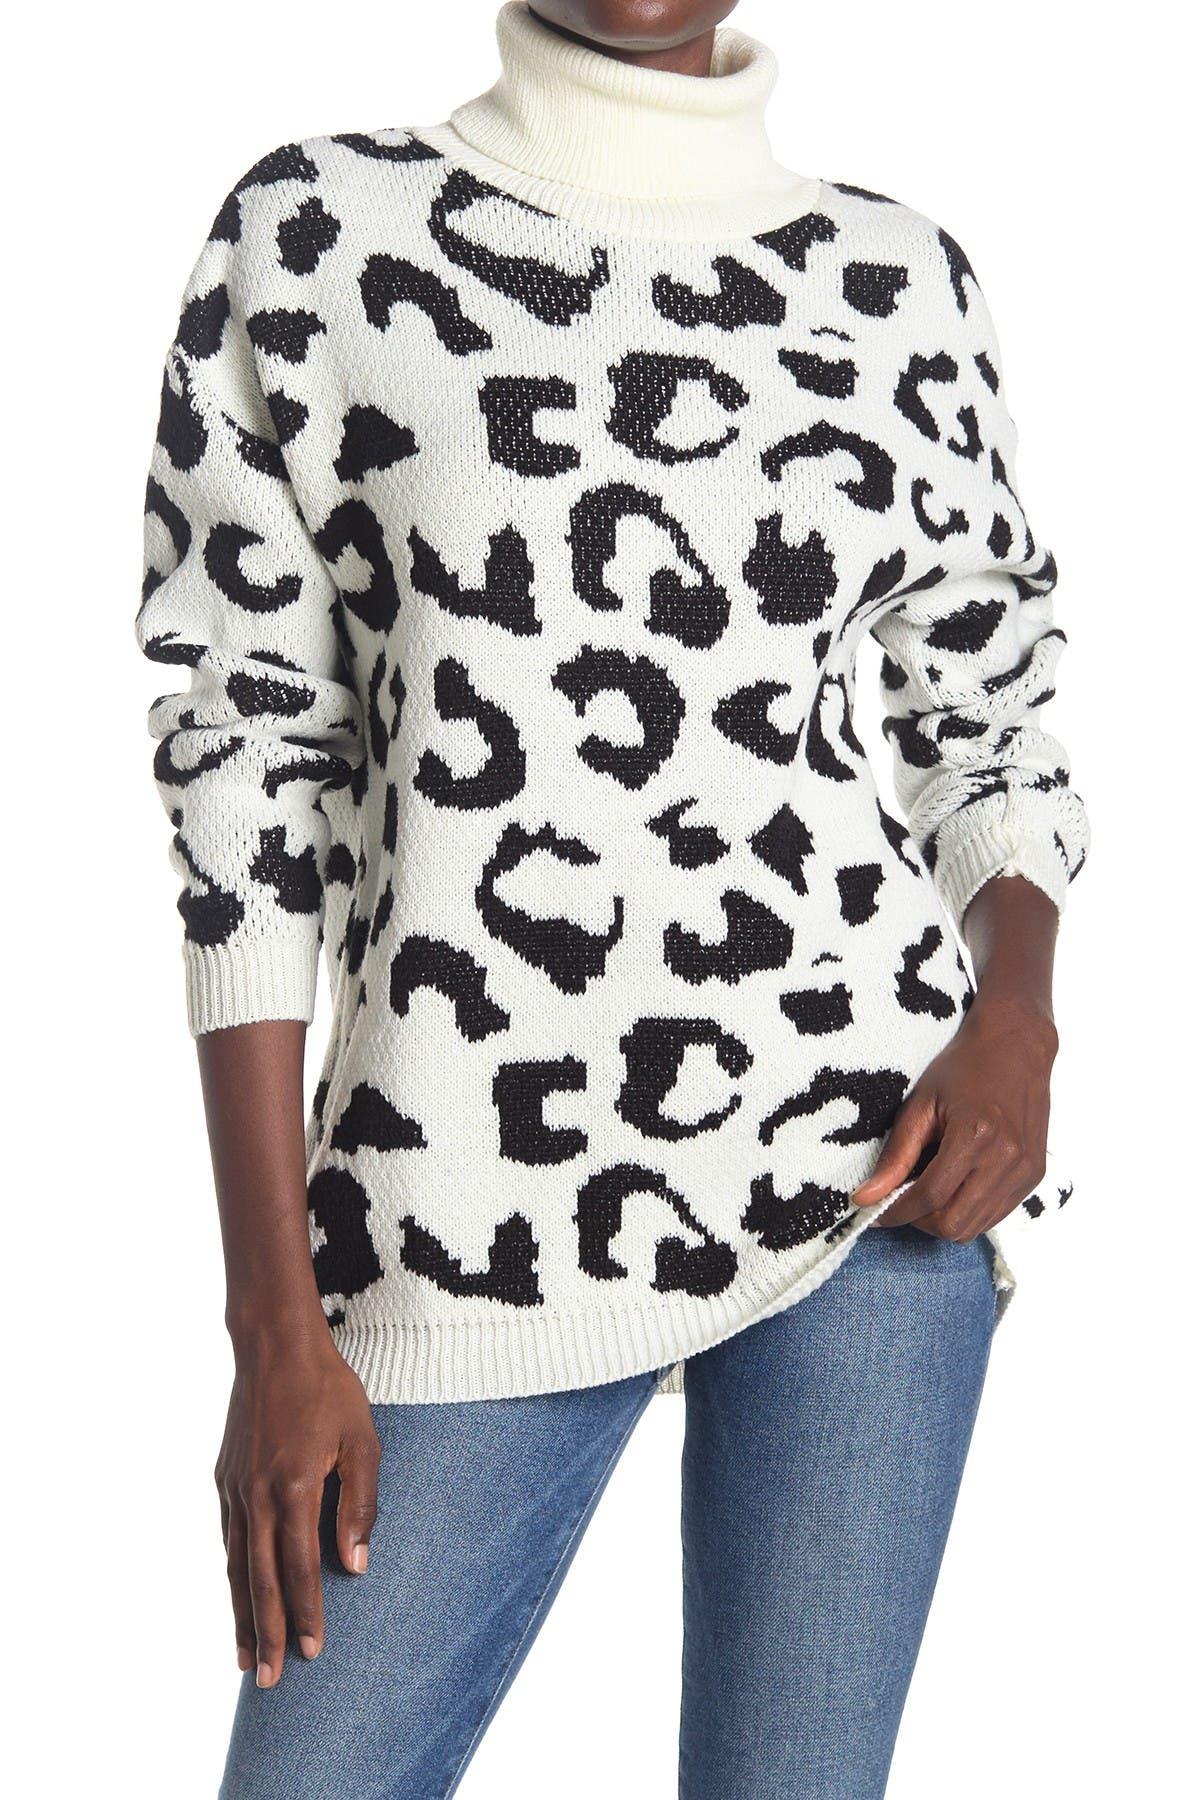 Image of Cotton Emporium Leopard Turtle Neck Tunic Sweater